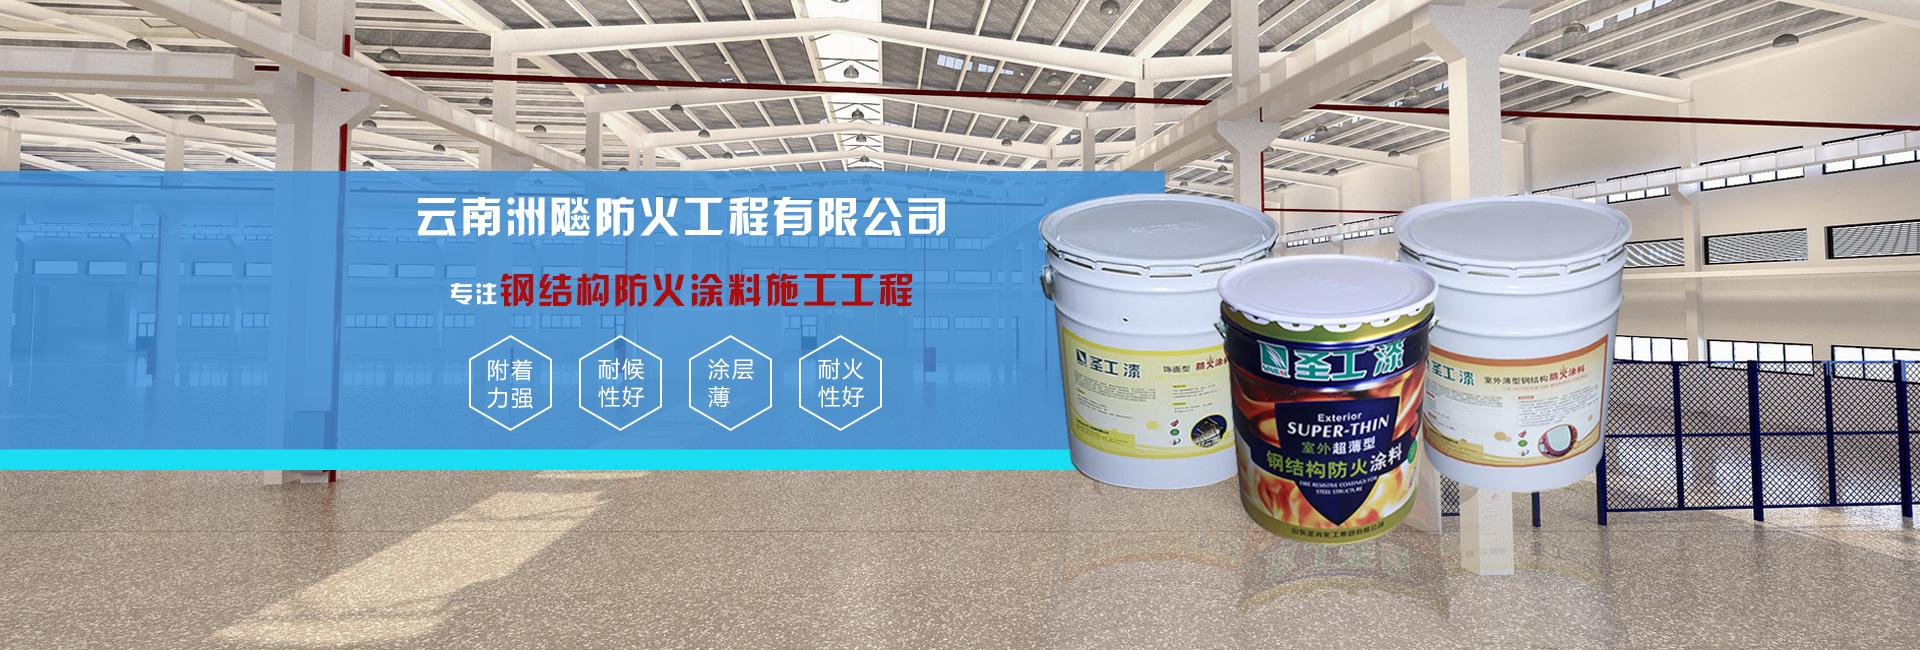 云南洲飚防火工程公司专注钢结构防火涂料工程施工